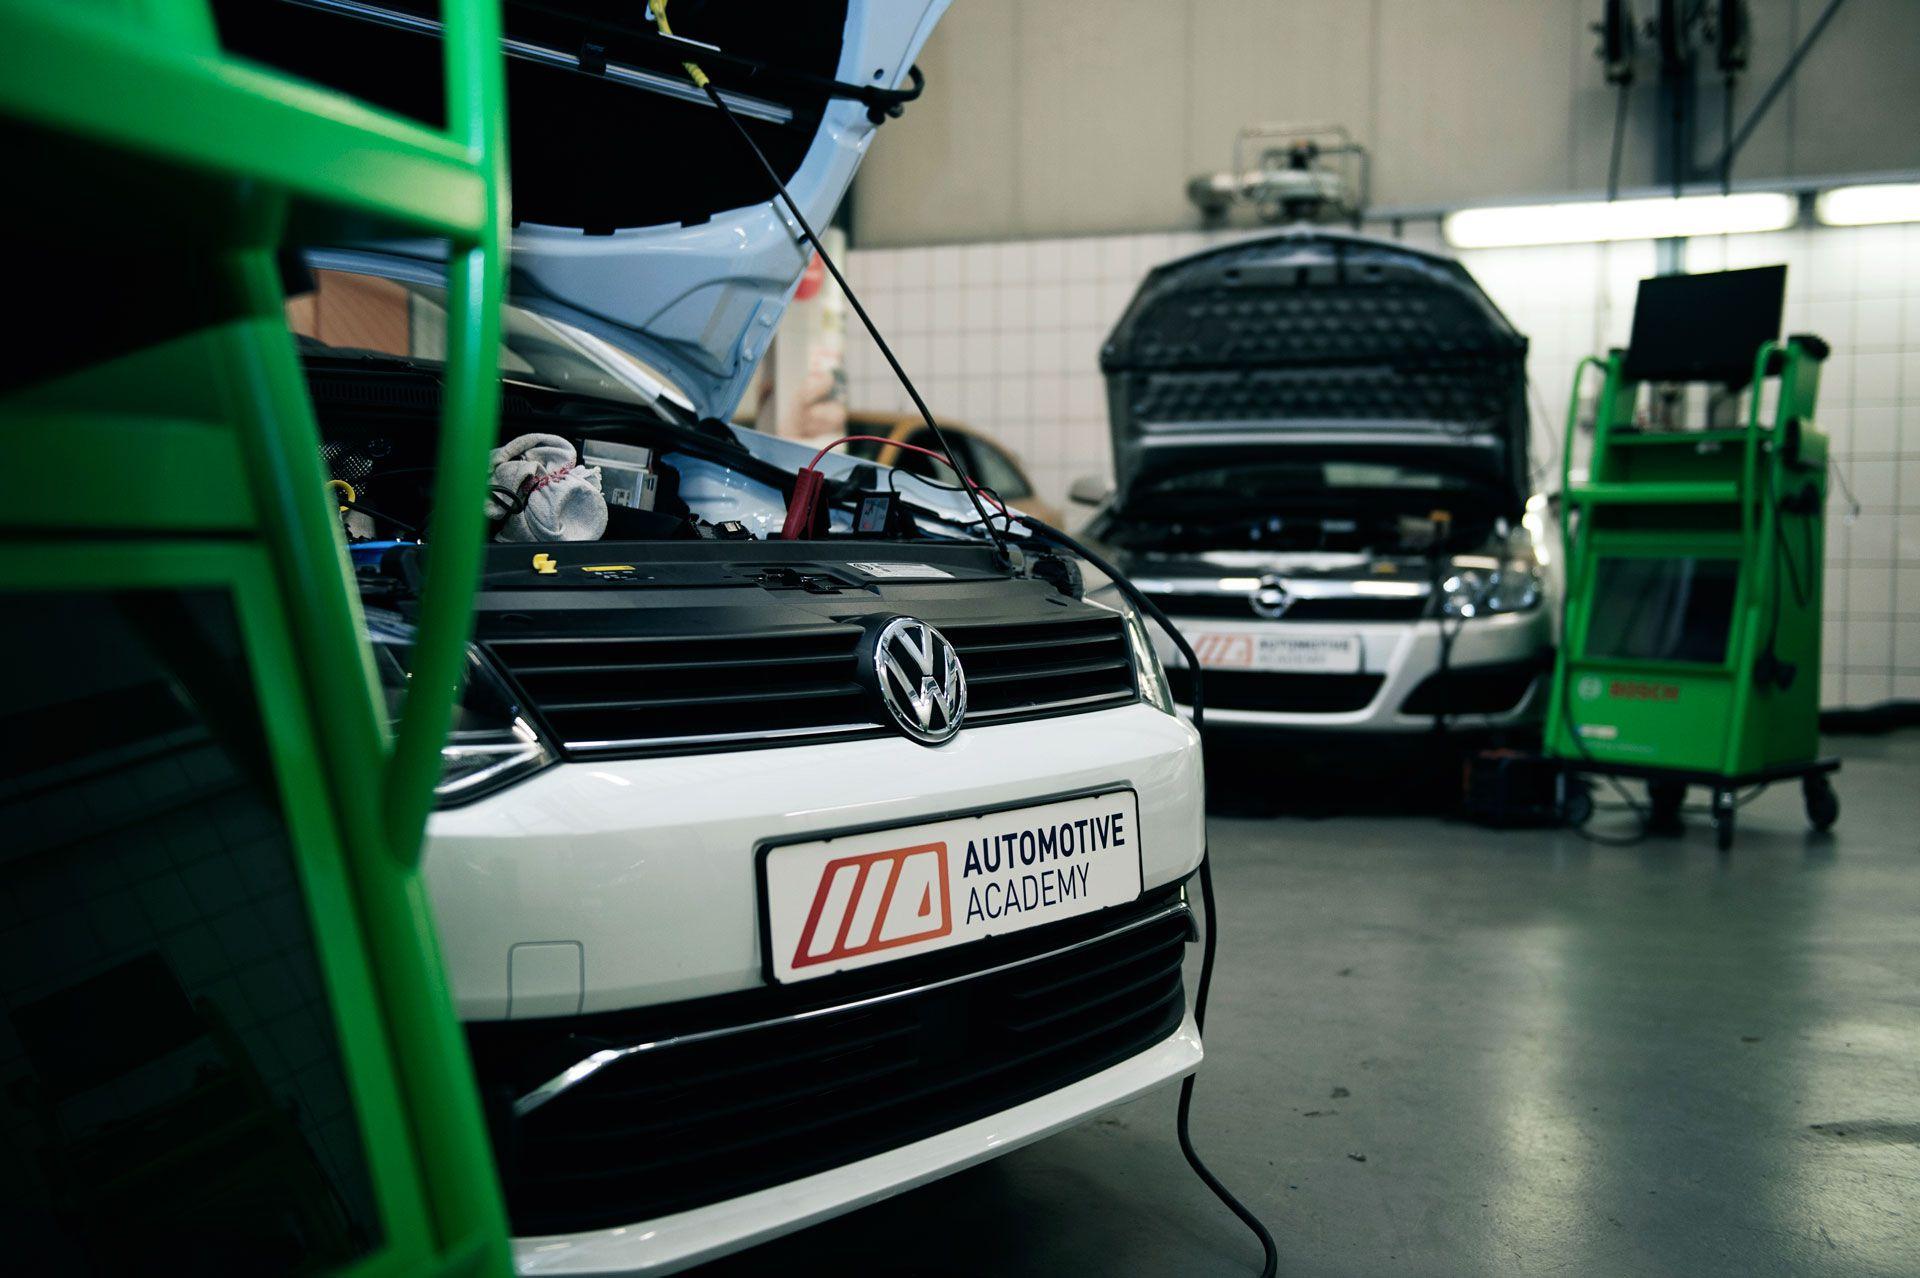 blijf-in-vorm-blogs-commercieel-tips-voor-garagebedrijven-in-tijden-van-corona-11241.jpg